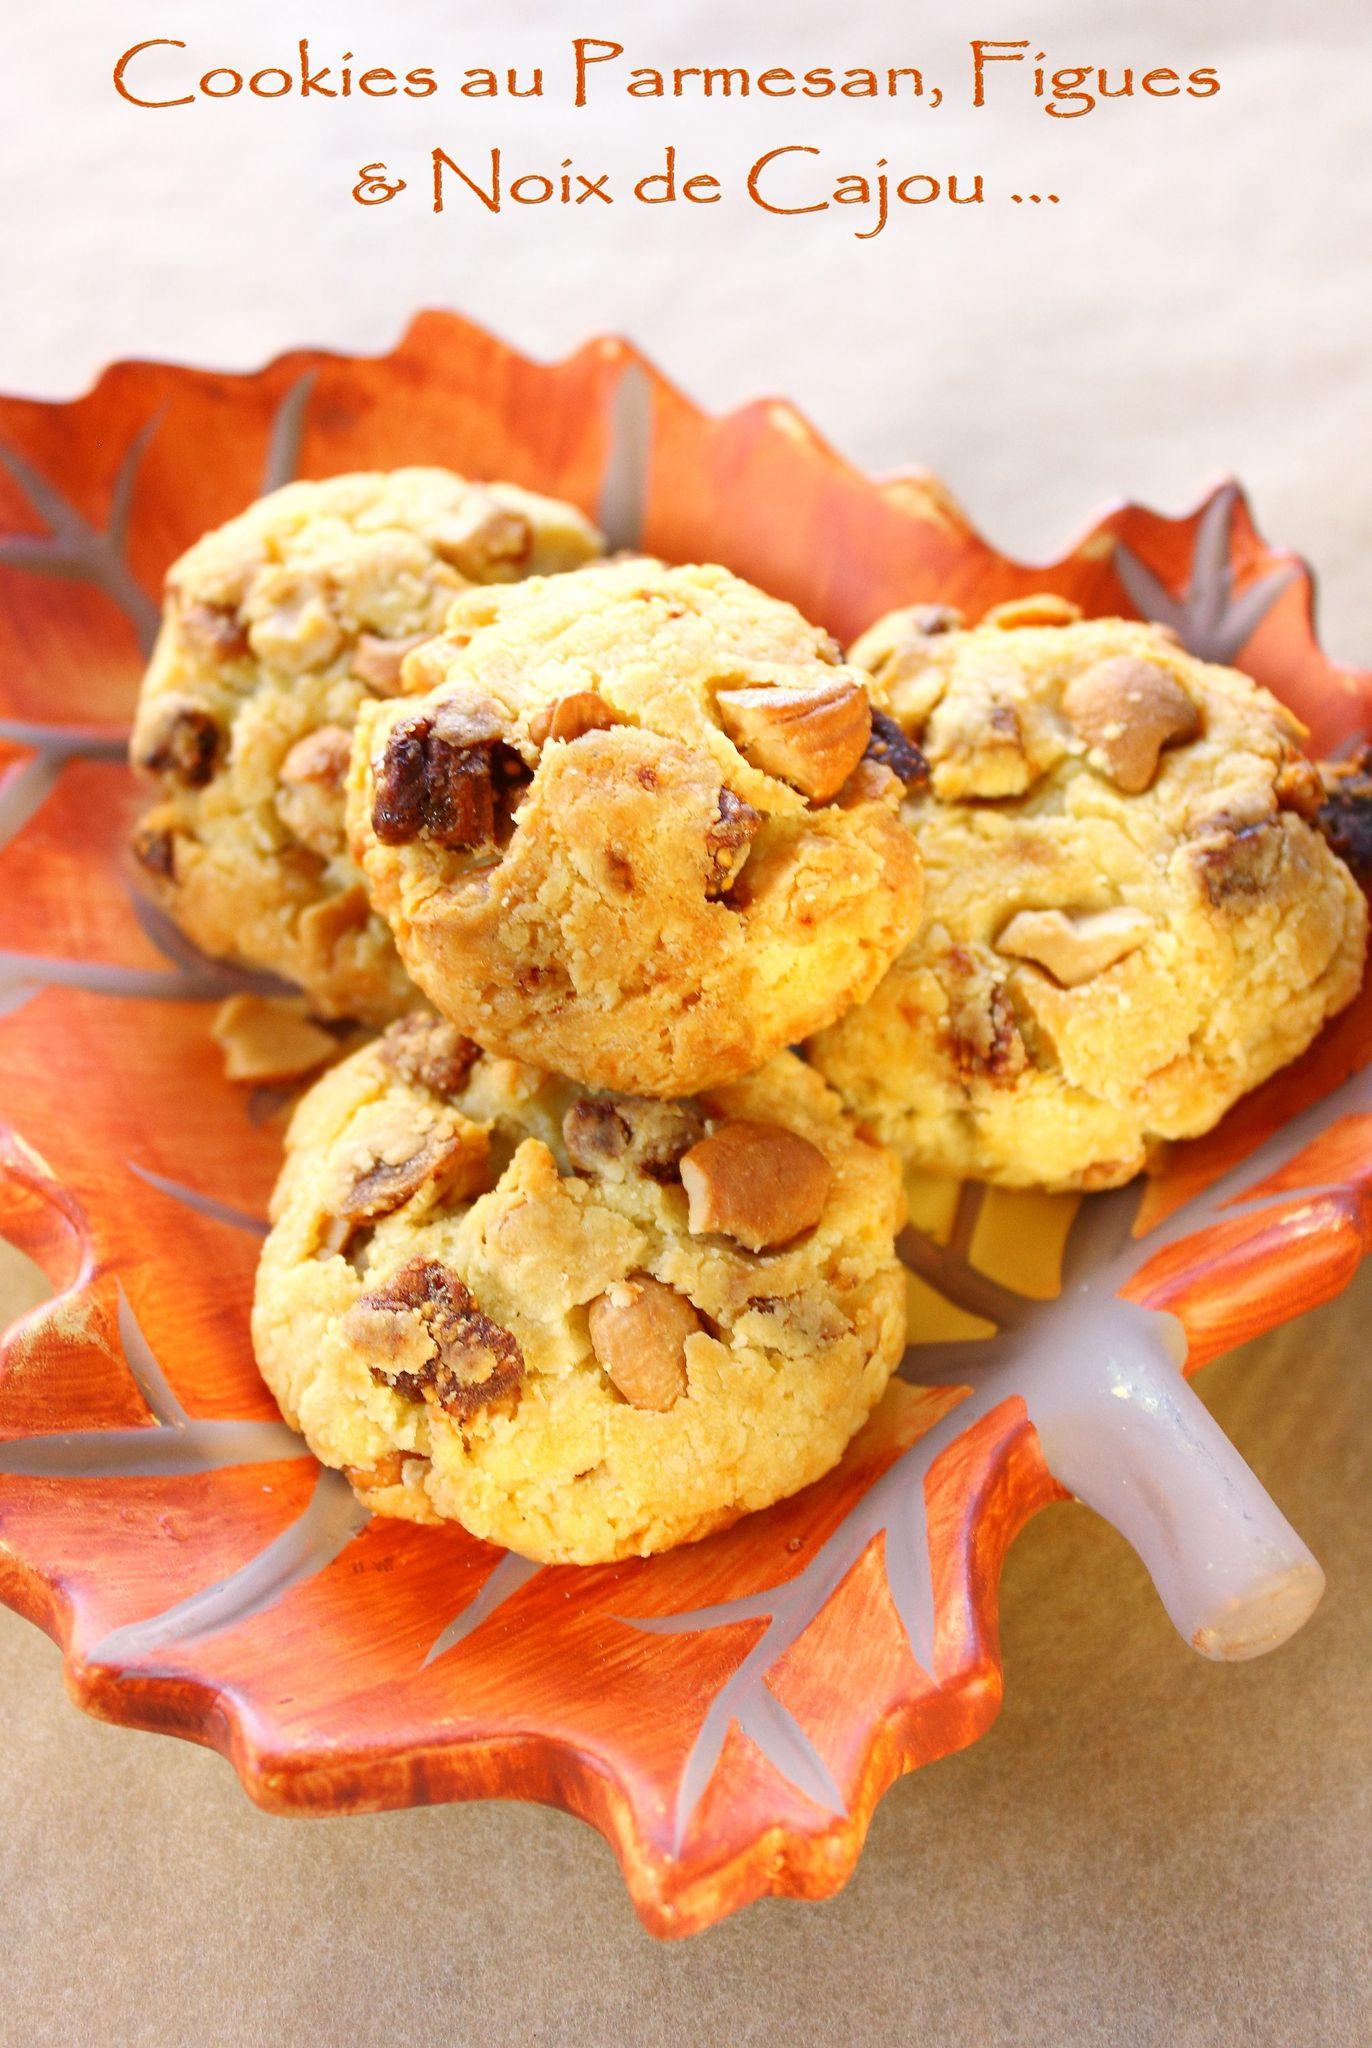 Cookies parmesan, figues et noux de cajou couverture